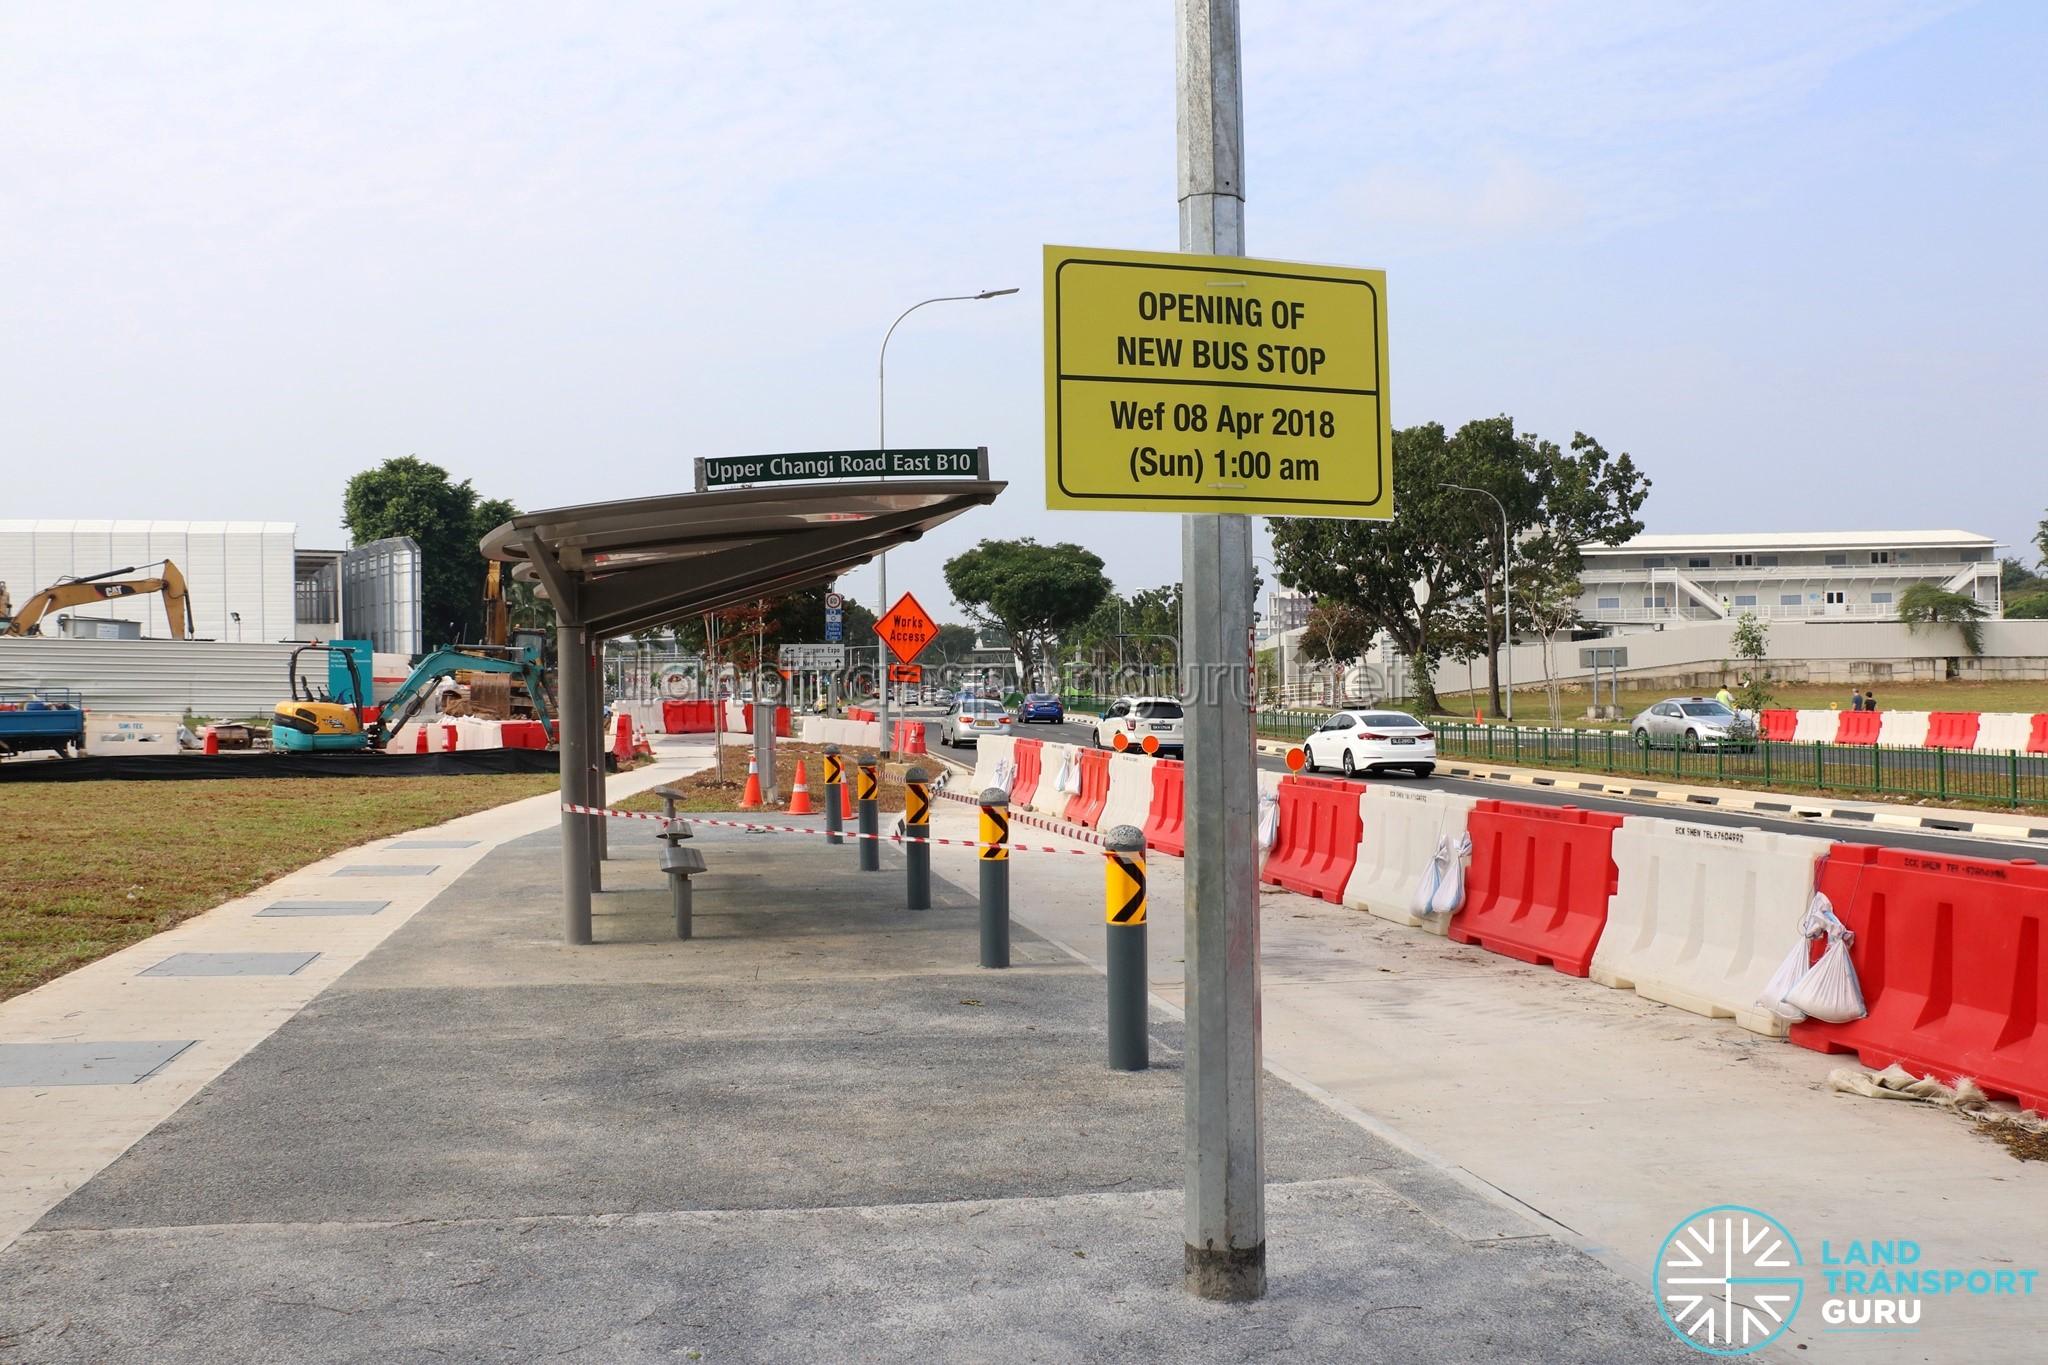 B10 Upp Changi Rd East